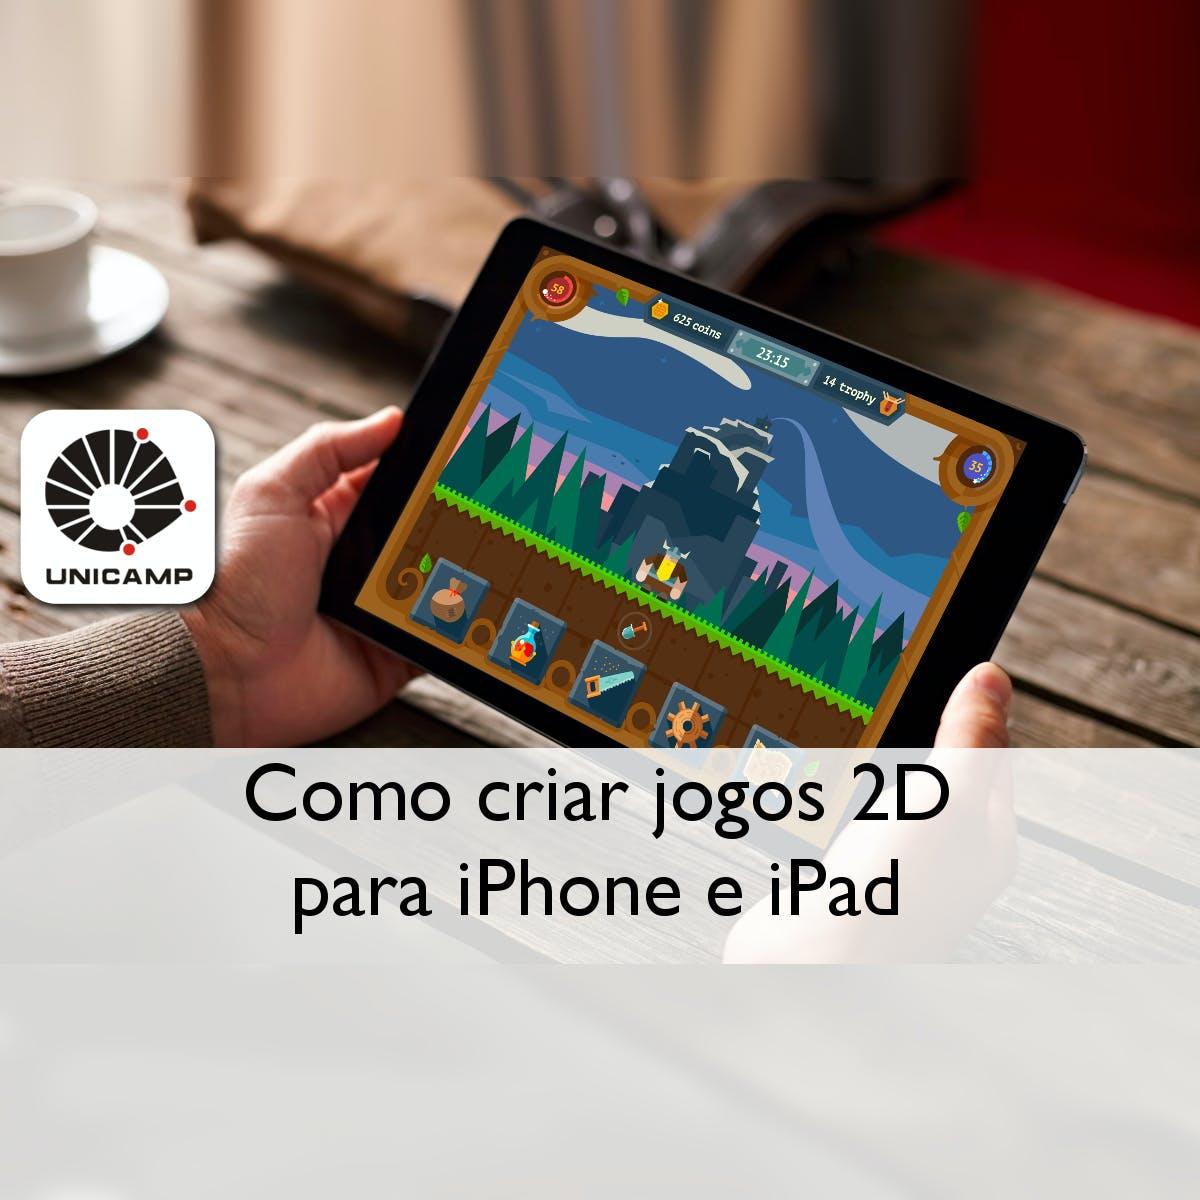 Como criar jogos 2D para iPhone e iPad